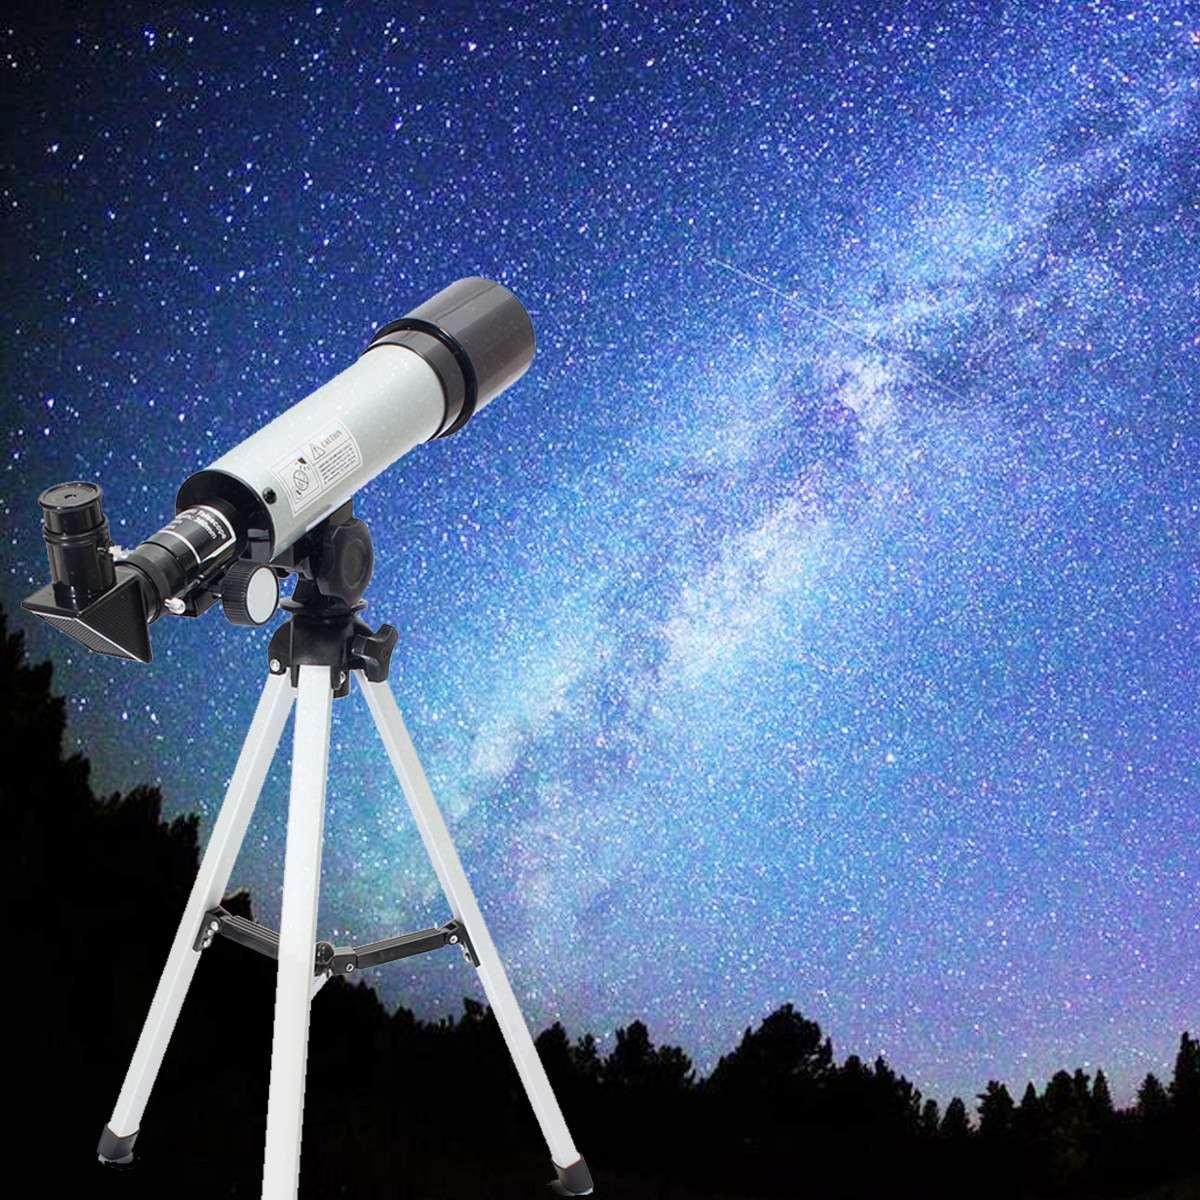 Телескоп в картинках, поздравляем марину днем